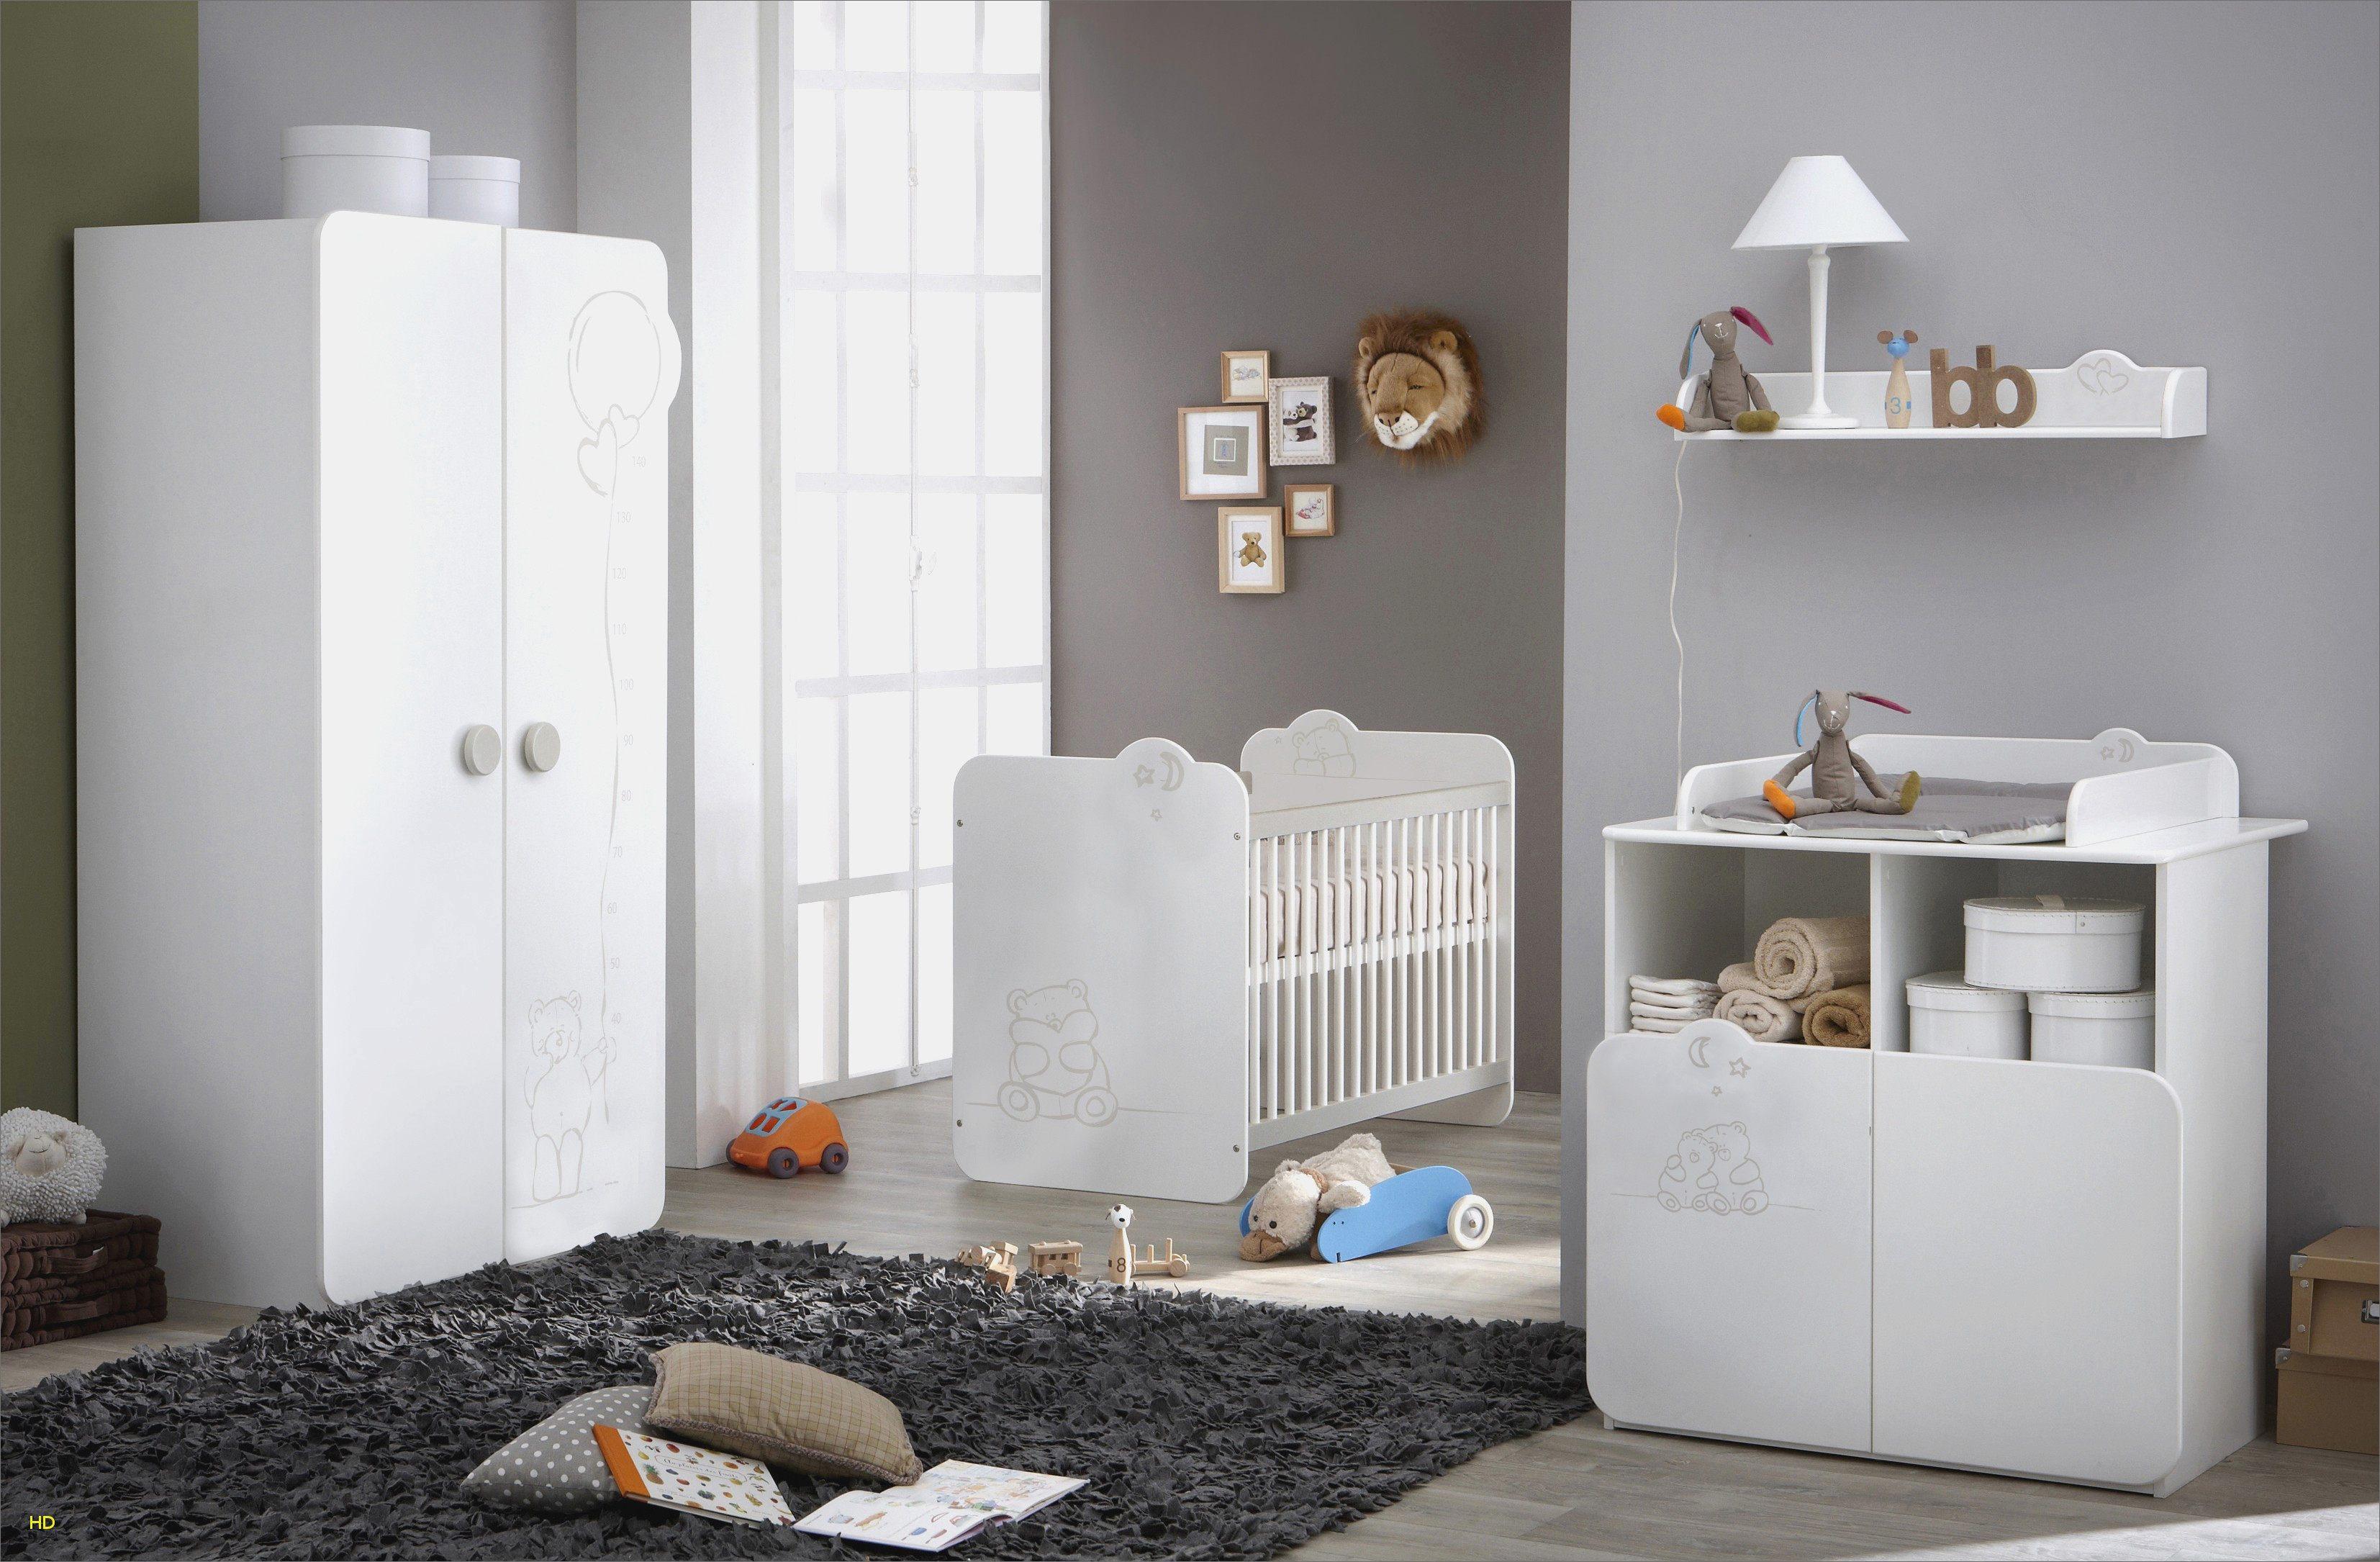 Lit Bebe Taupe Fraîche Impressionnant Ameublement Chambre Enfant Ou Chambre Bébé Bois